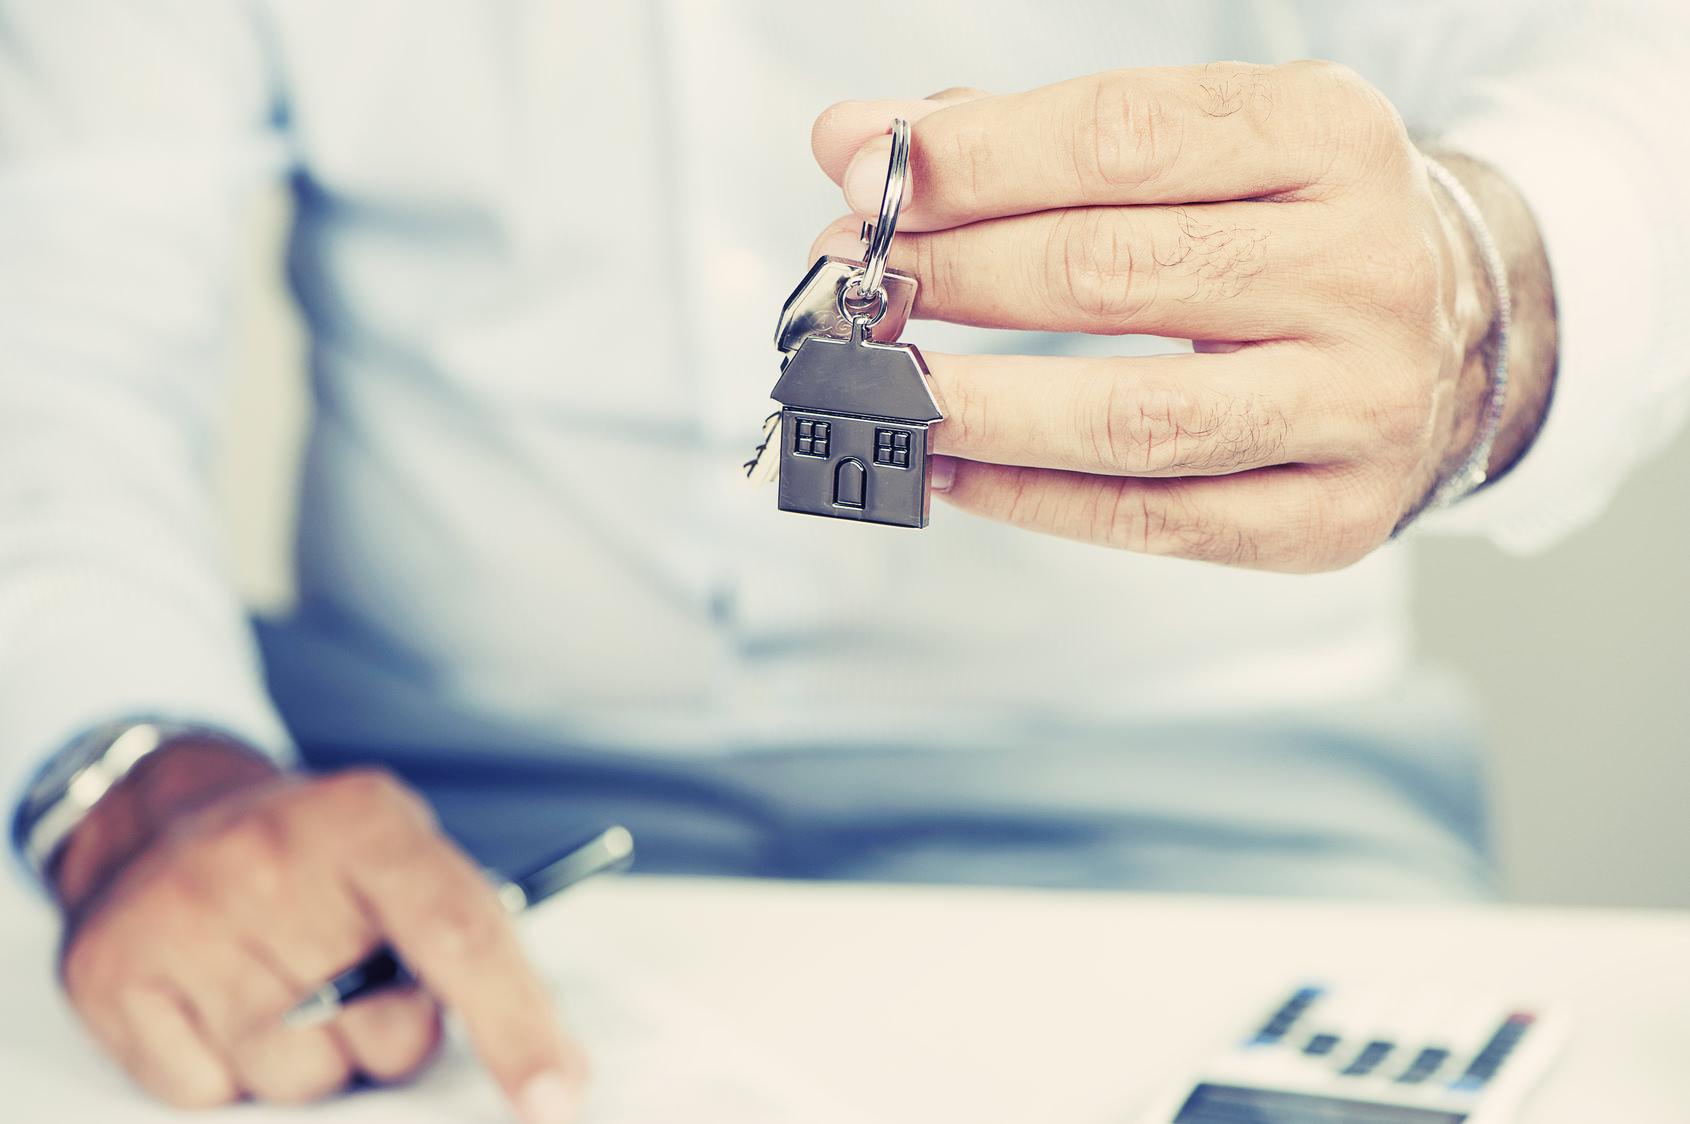 Ppt locataire vente appartement occupe - Vendre un appartement occupe ...